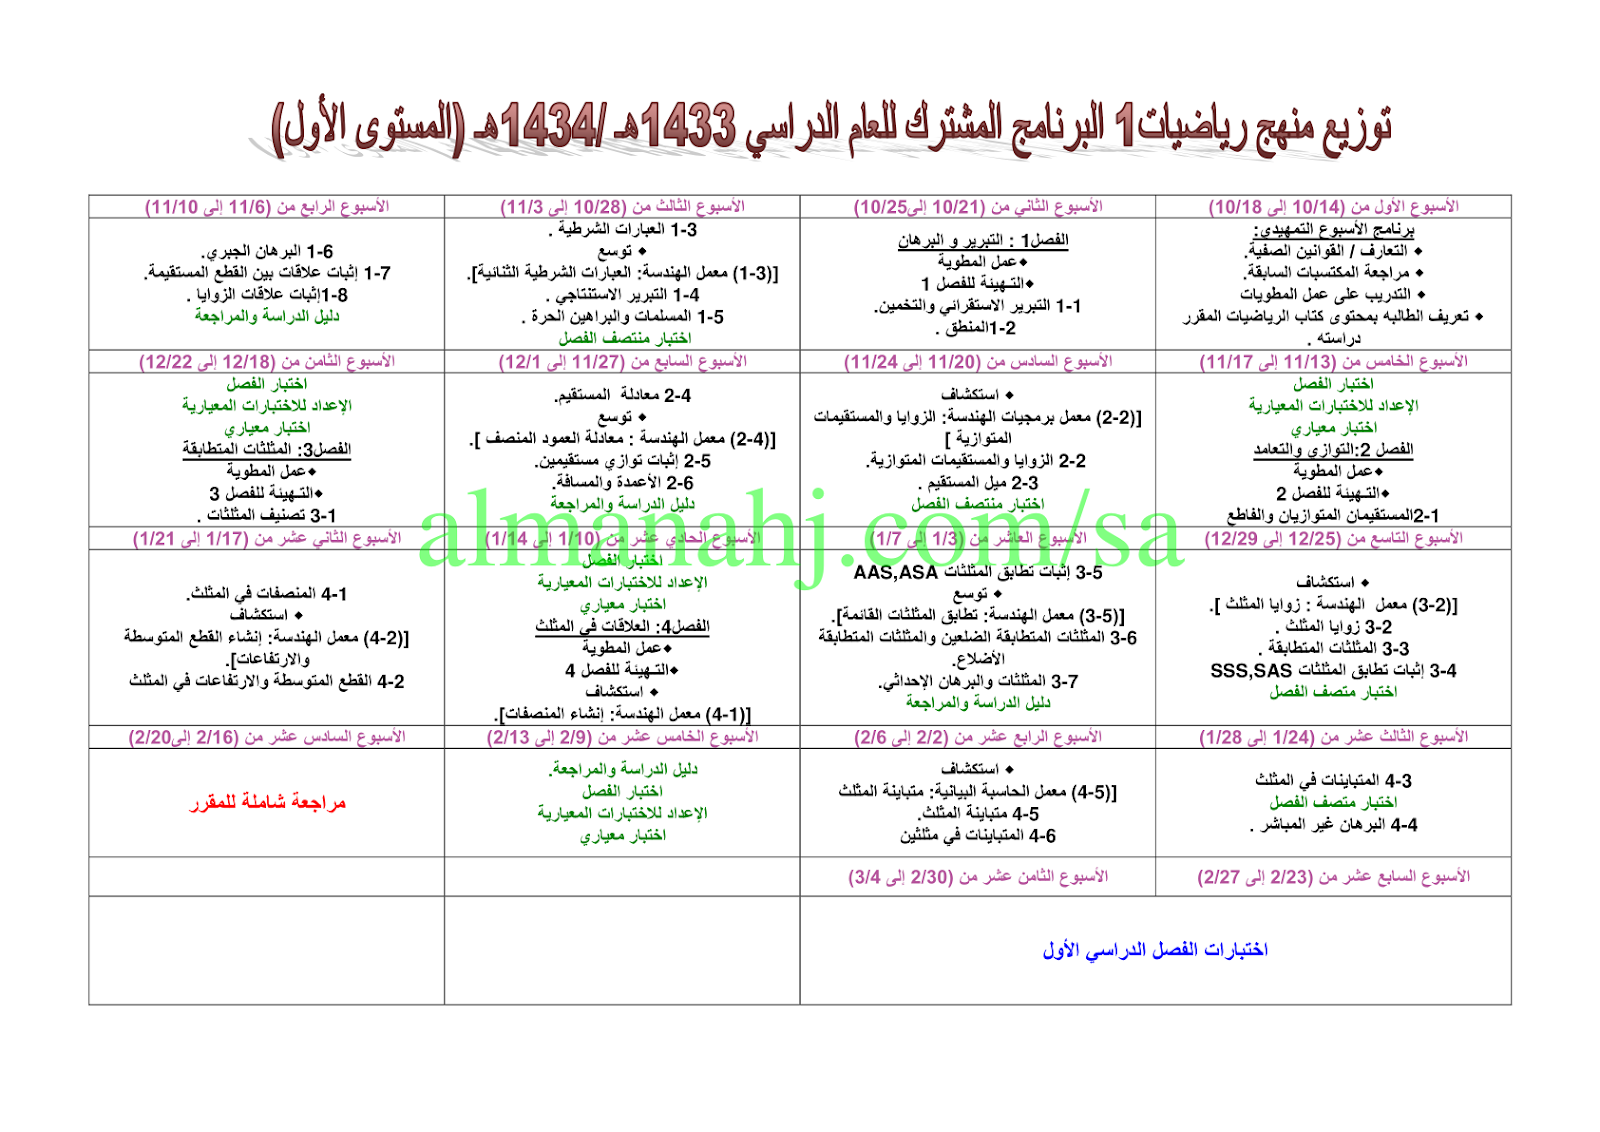 تحضير رياضيات اول ثانوي المستوى الثاني رياضيات الفصل الثاني المناهج السعودية